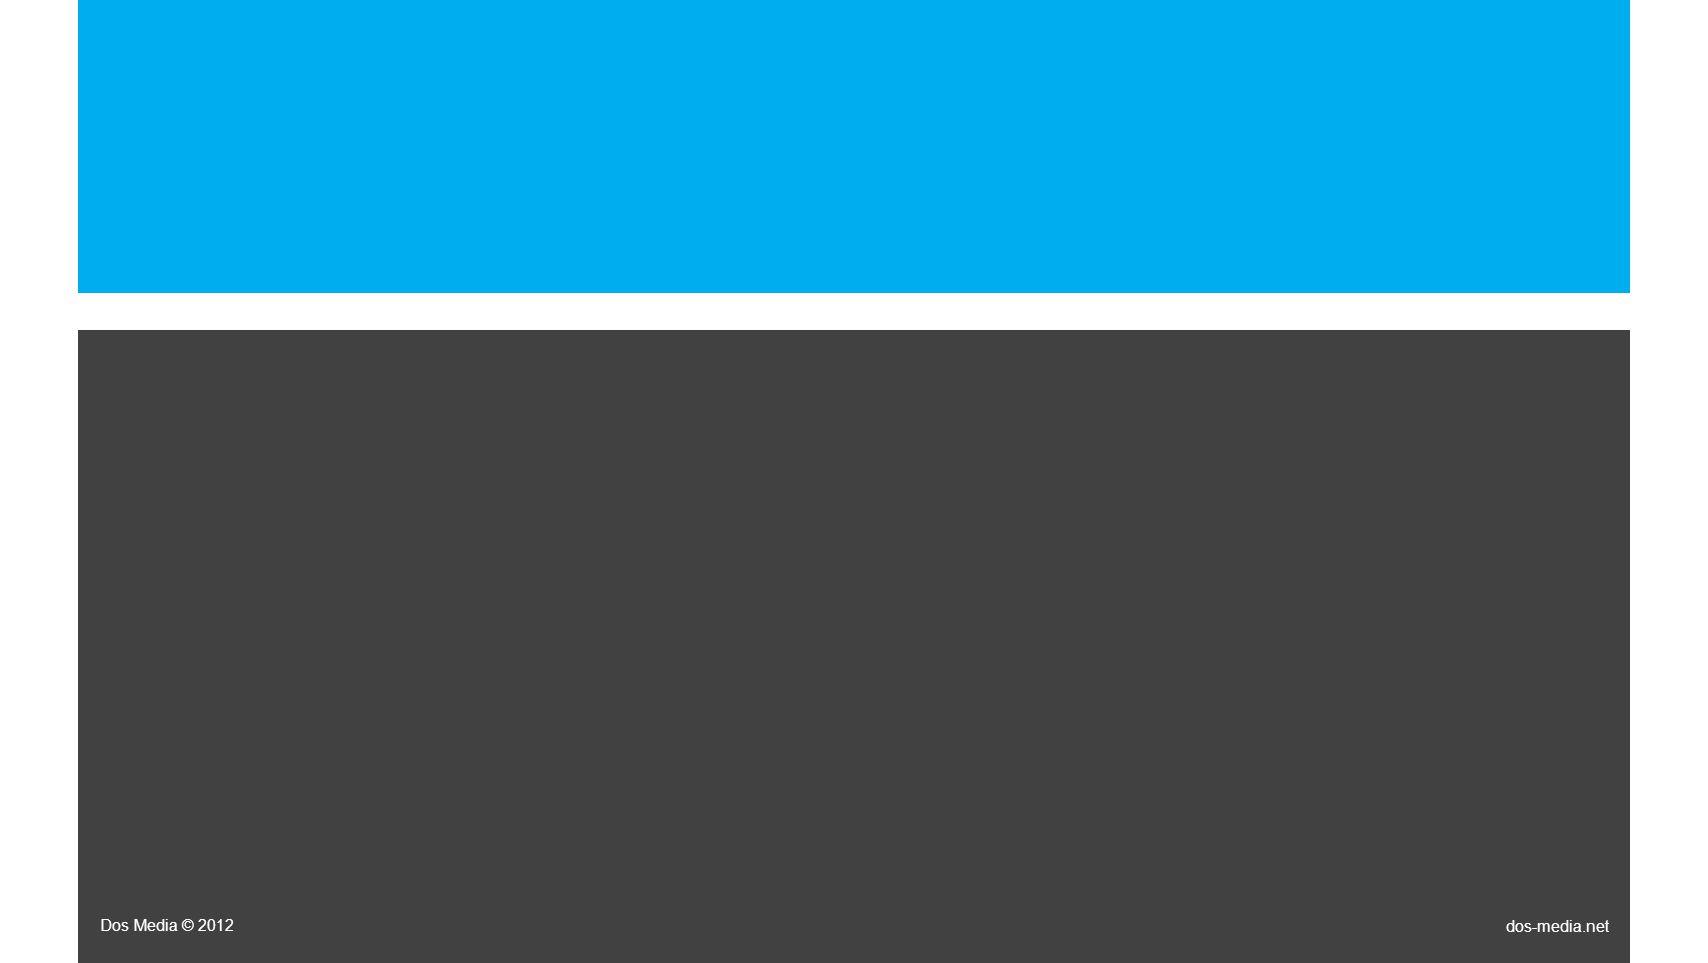 Dos Media FeaturesHighlight #3 SOLUZIONE FIND PLACE: AMBITI & CARATTERISTICHE zRicerca per POI (Point of Interest) in base a diversi parametri quali indirizzo, città, latitudine, longitudine zServizio di booking e verifica della disponibilità di ristoranti, hotel, mezzi di trasporto zFruizione della recensioni in base allo specifico POI richiesto dall'utente zPresentazione dei risultati attraverso diversi media: testo, immagini, video a partire dal POI di interesse; zRiconoscimento di luoghi, date ed espressioni temporali, artisti, brand Oltre ad interpretare le richieste e individuare lo specifico contesto semantico in cui si muove l'utente, FindPlace garantisce all'utente una user experience evoluta grazie a strumenti e funzionalità innovativi FindPlace consente il Matchmaking Semantico ovvero la correlazione tra le richieste dell'utente e le risorse restituite dal motore di ricerca all'interno di uno specifico dominio di conoscenza.